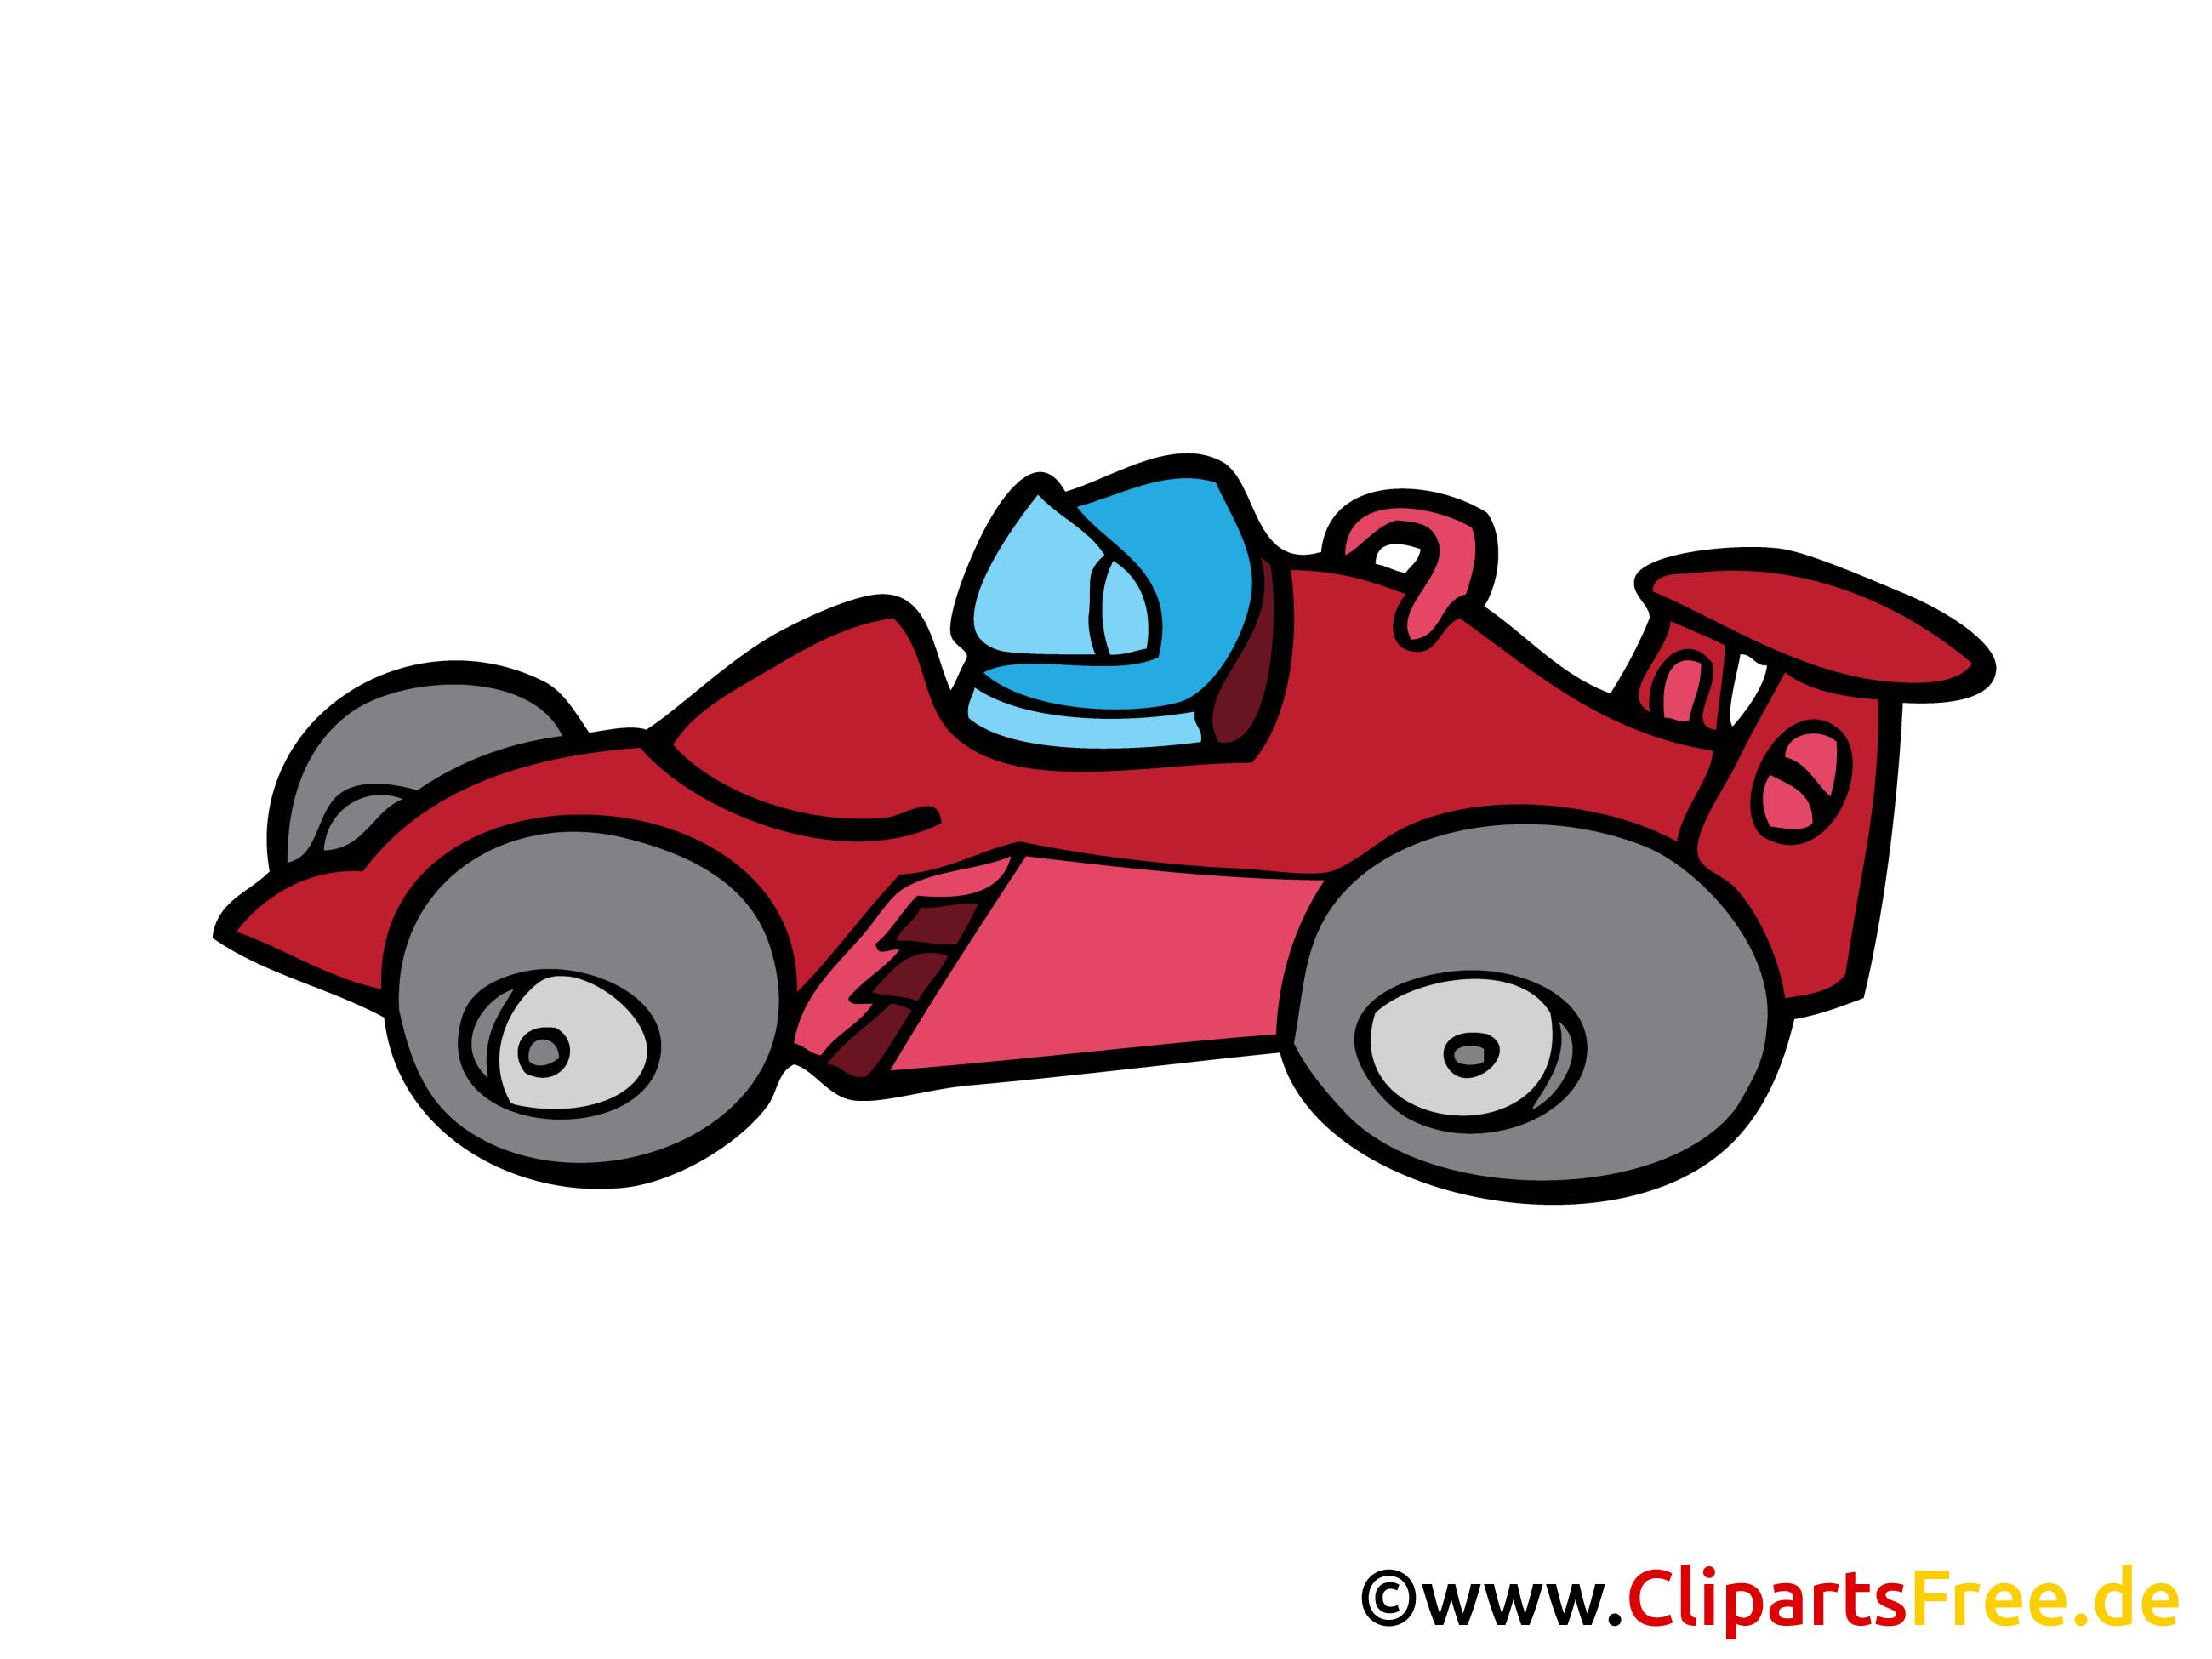 Formule 1 dessin à télécharger - Voiture images